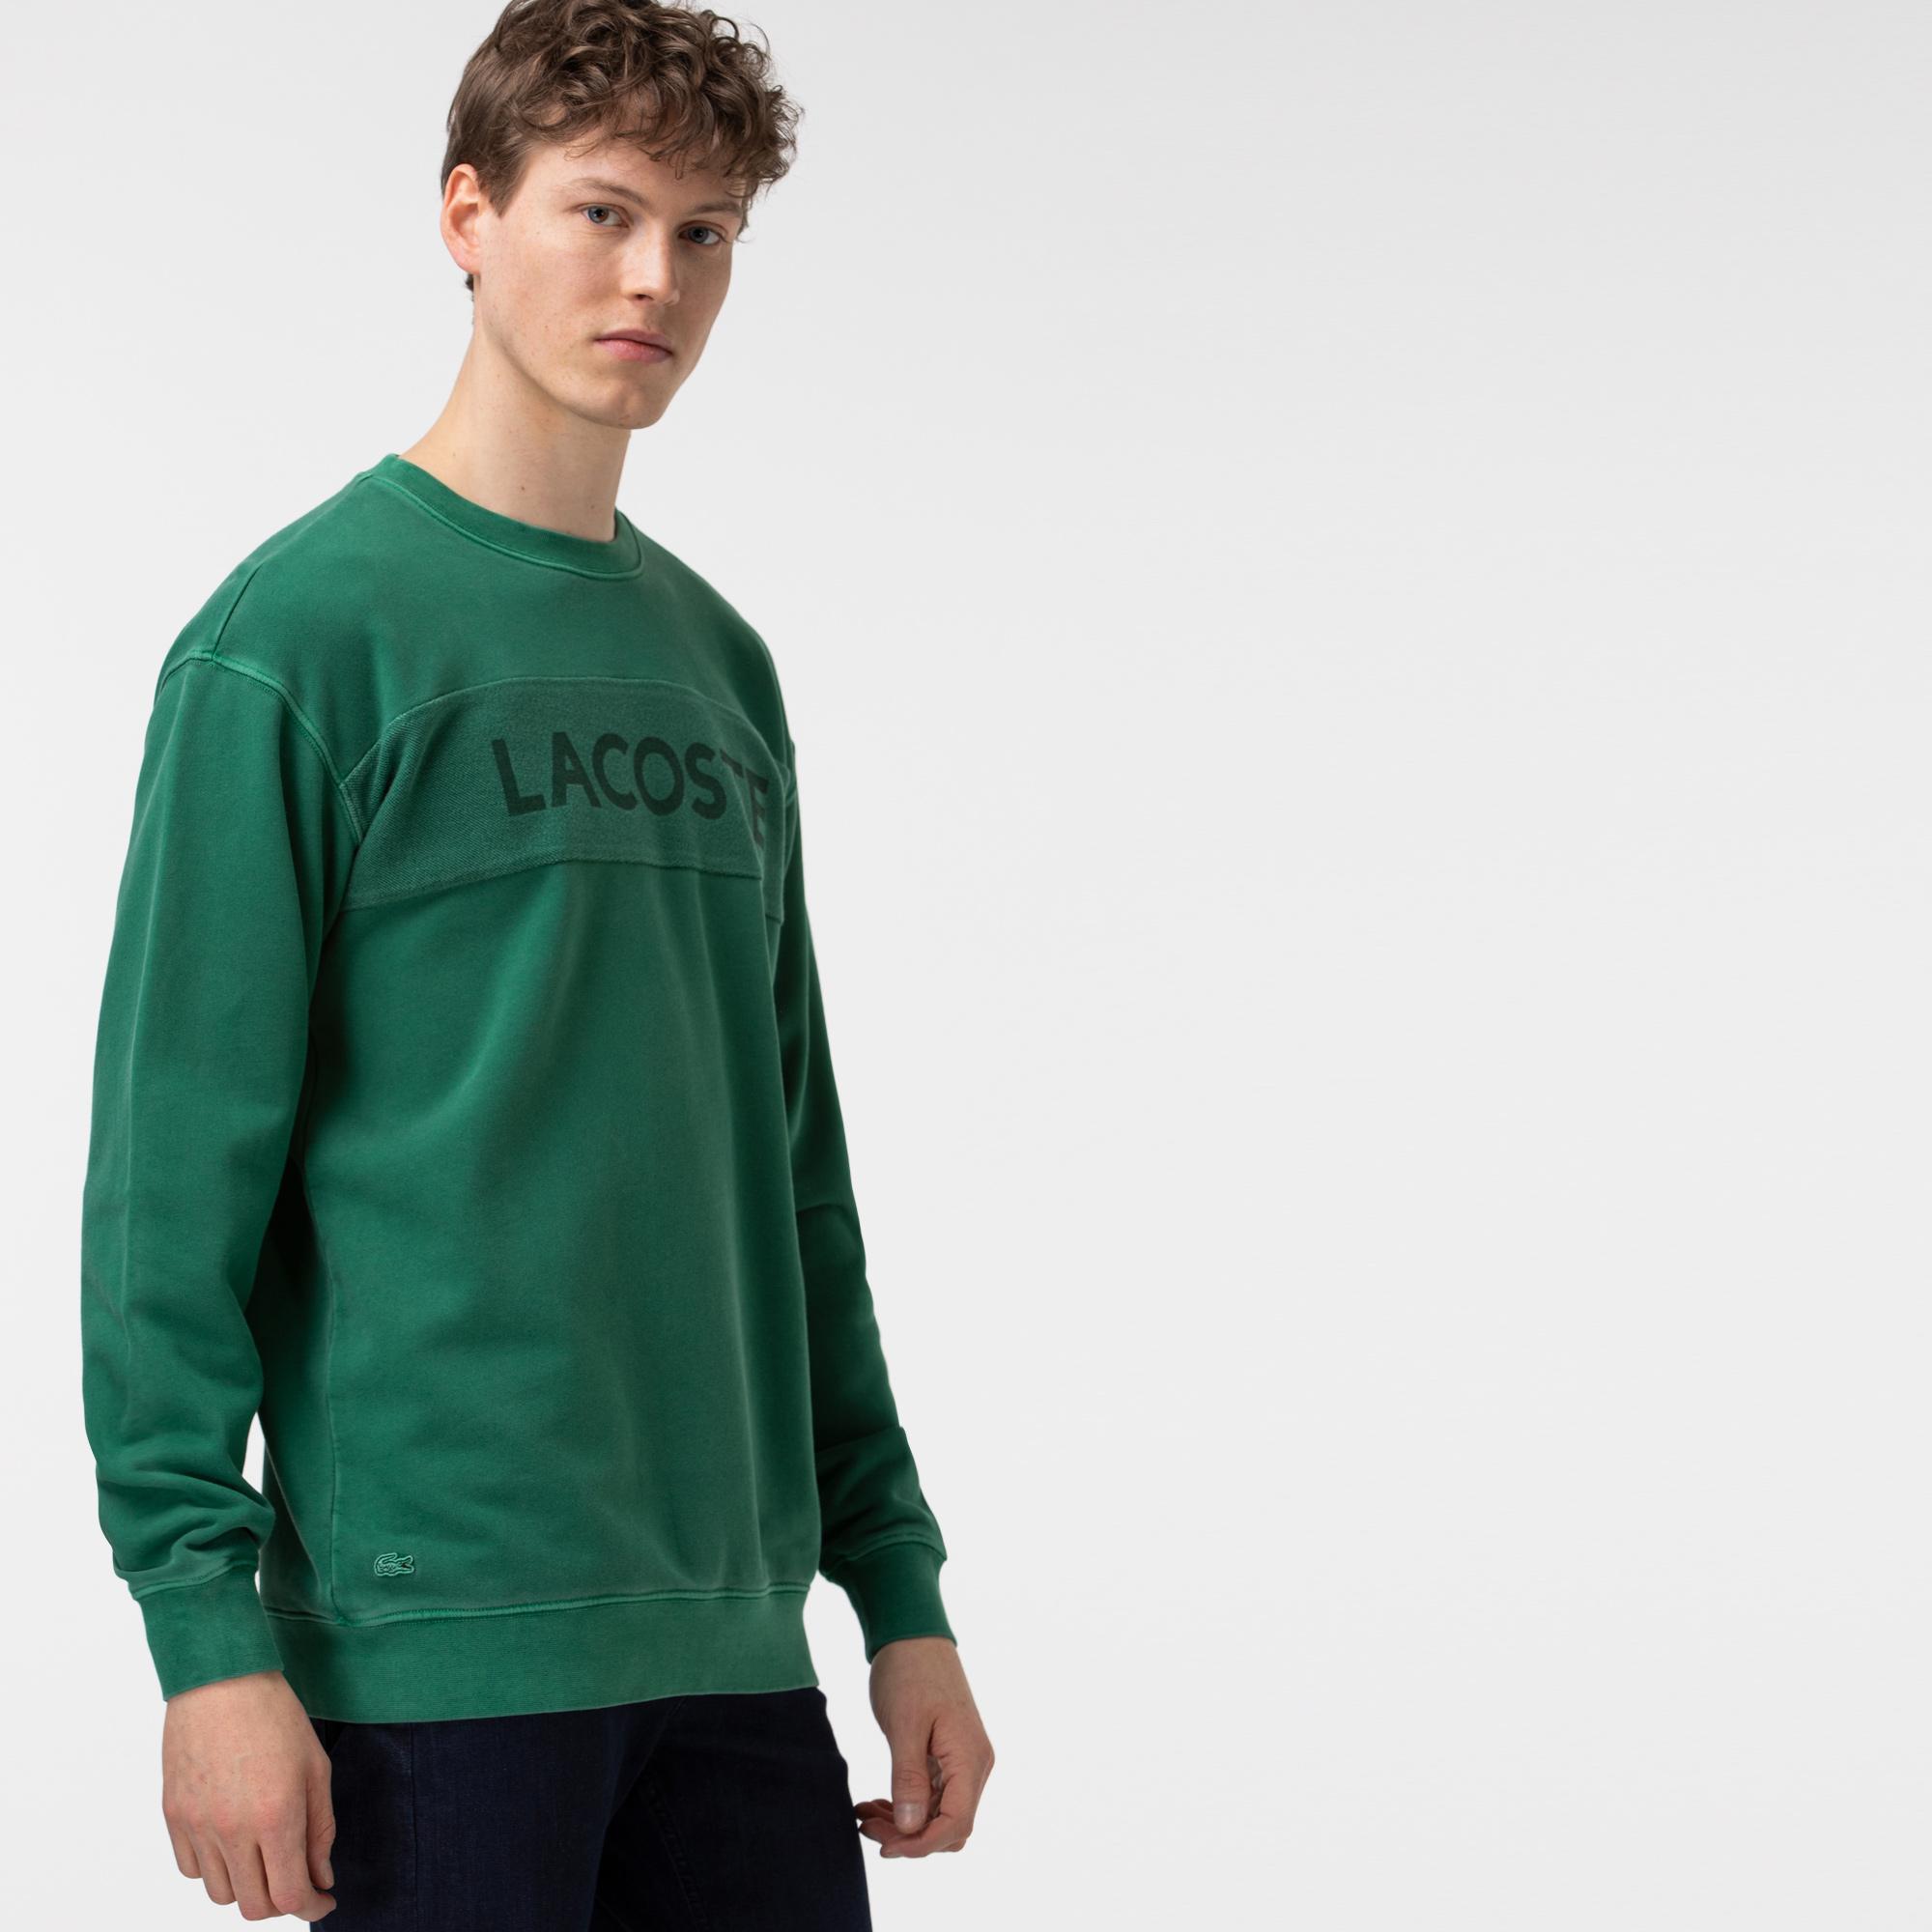 Lacoste Erkek Rahat Fit Bisiklet Yaka Baskılı Yeşil Sweatshirt